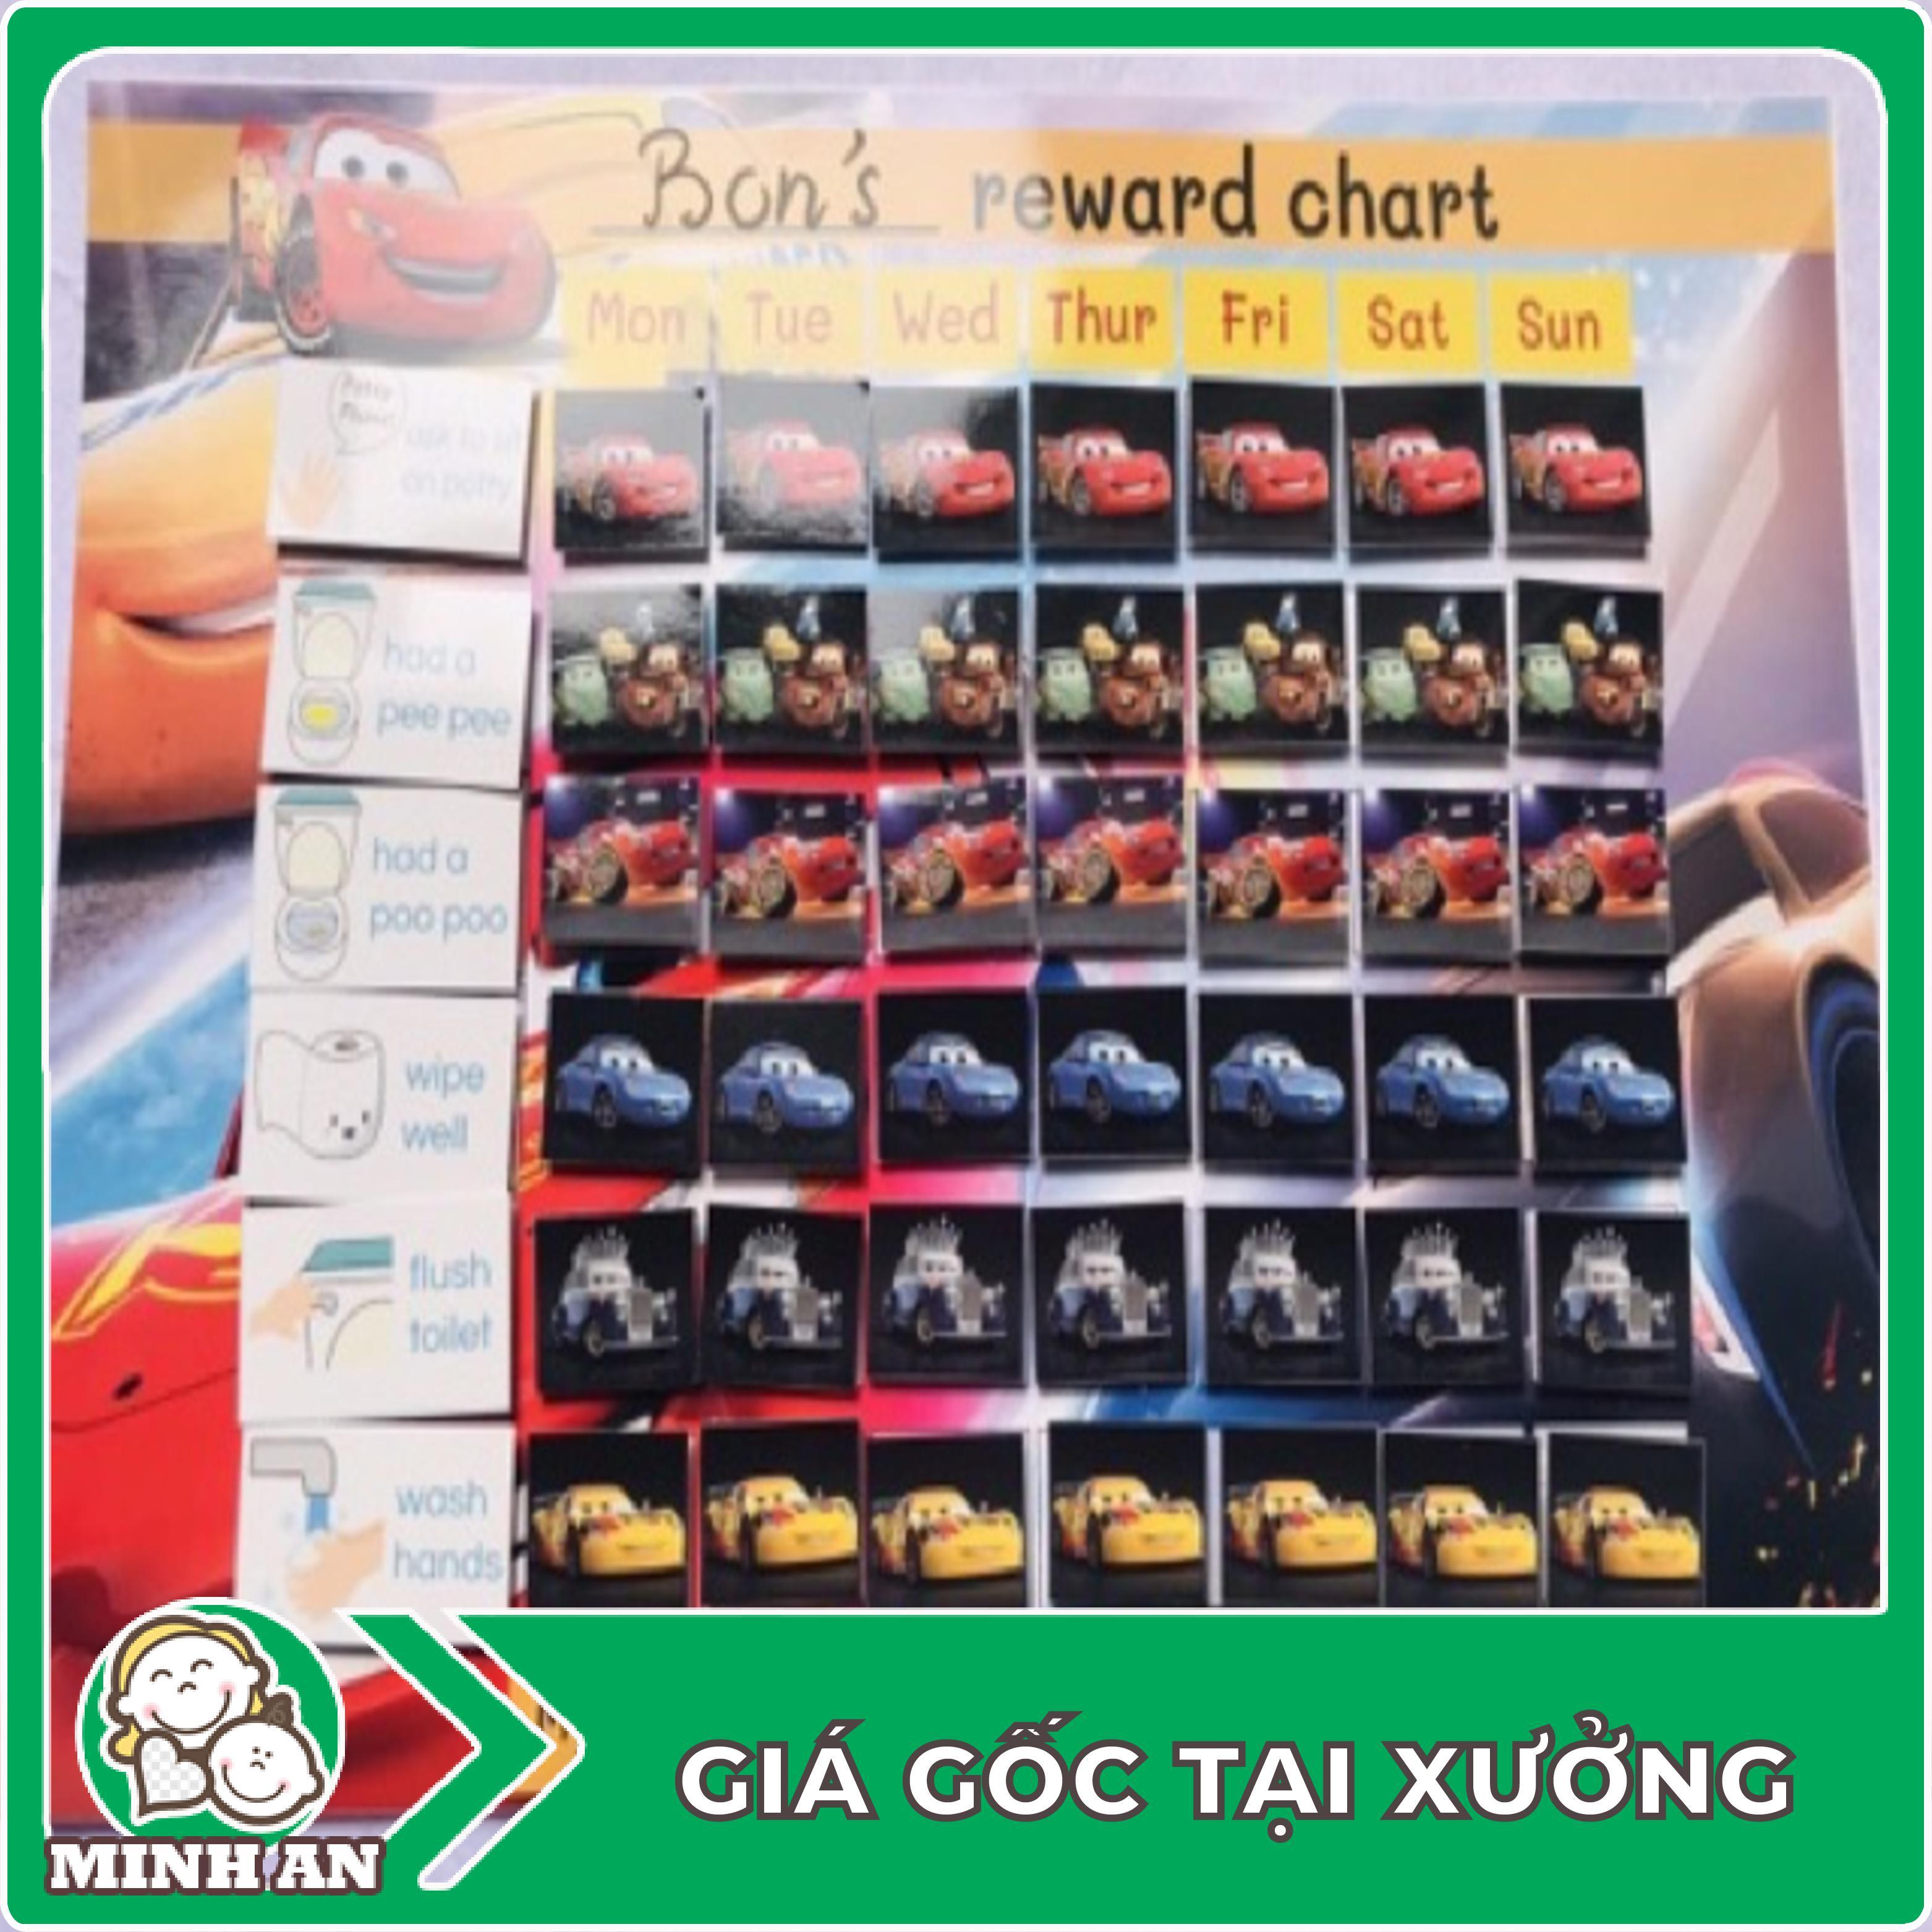 ❀ ❀ Bảng thành tích khen thưởng - Reward chart cho bé - Bộ đồ chơi cho bé ❀ ❀